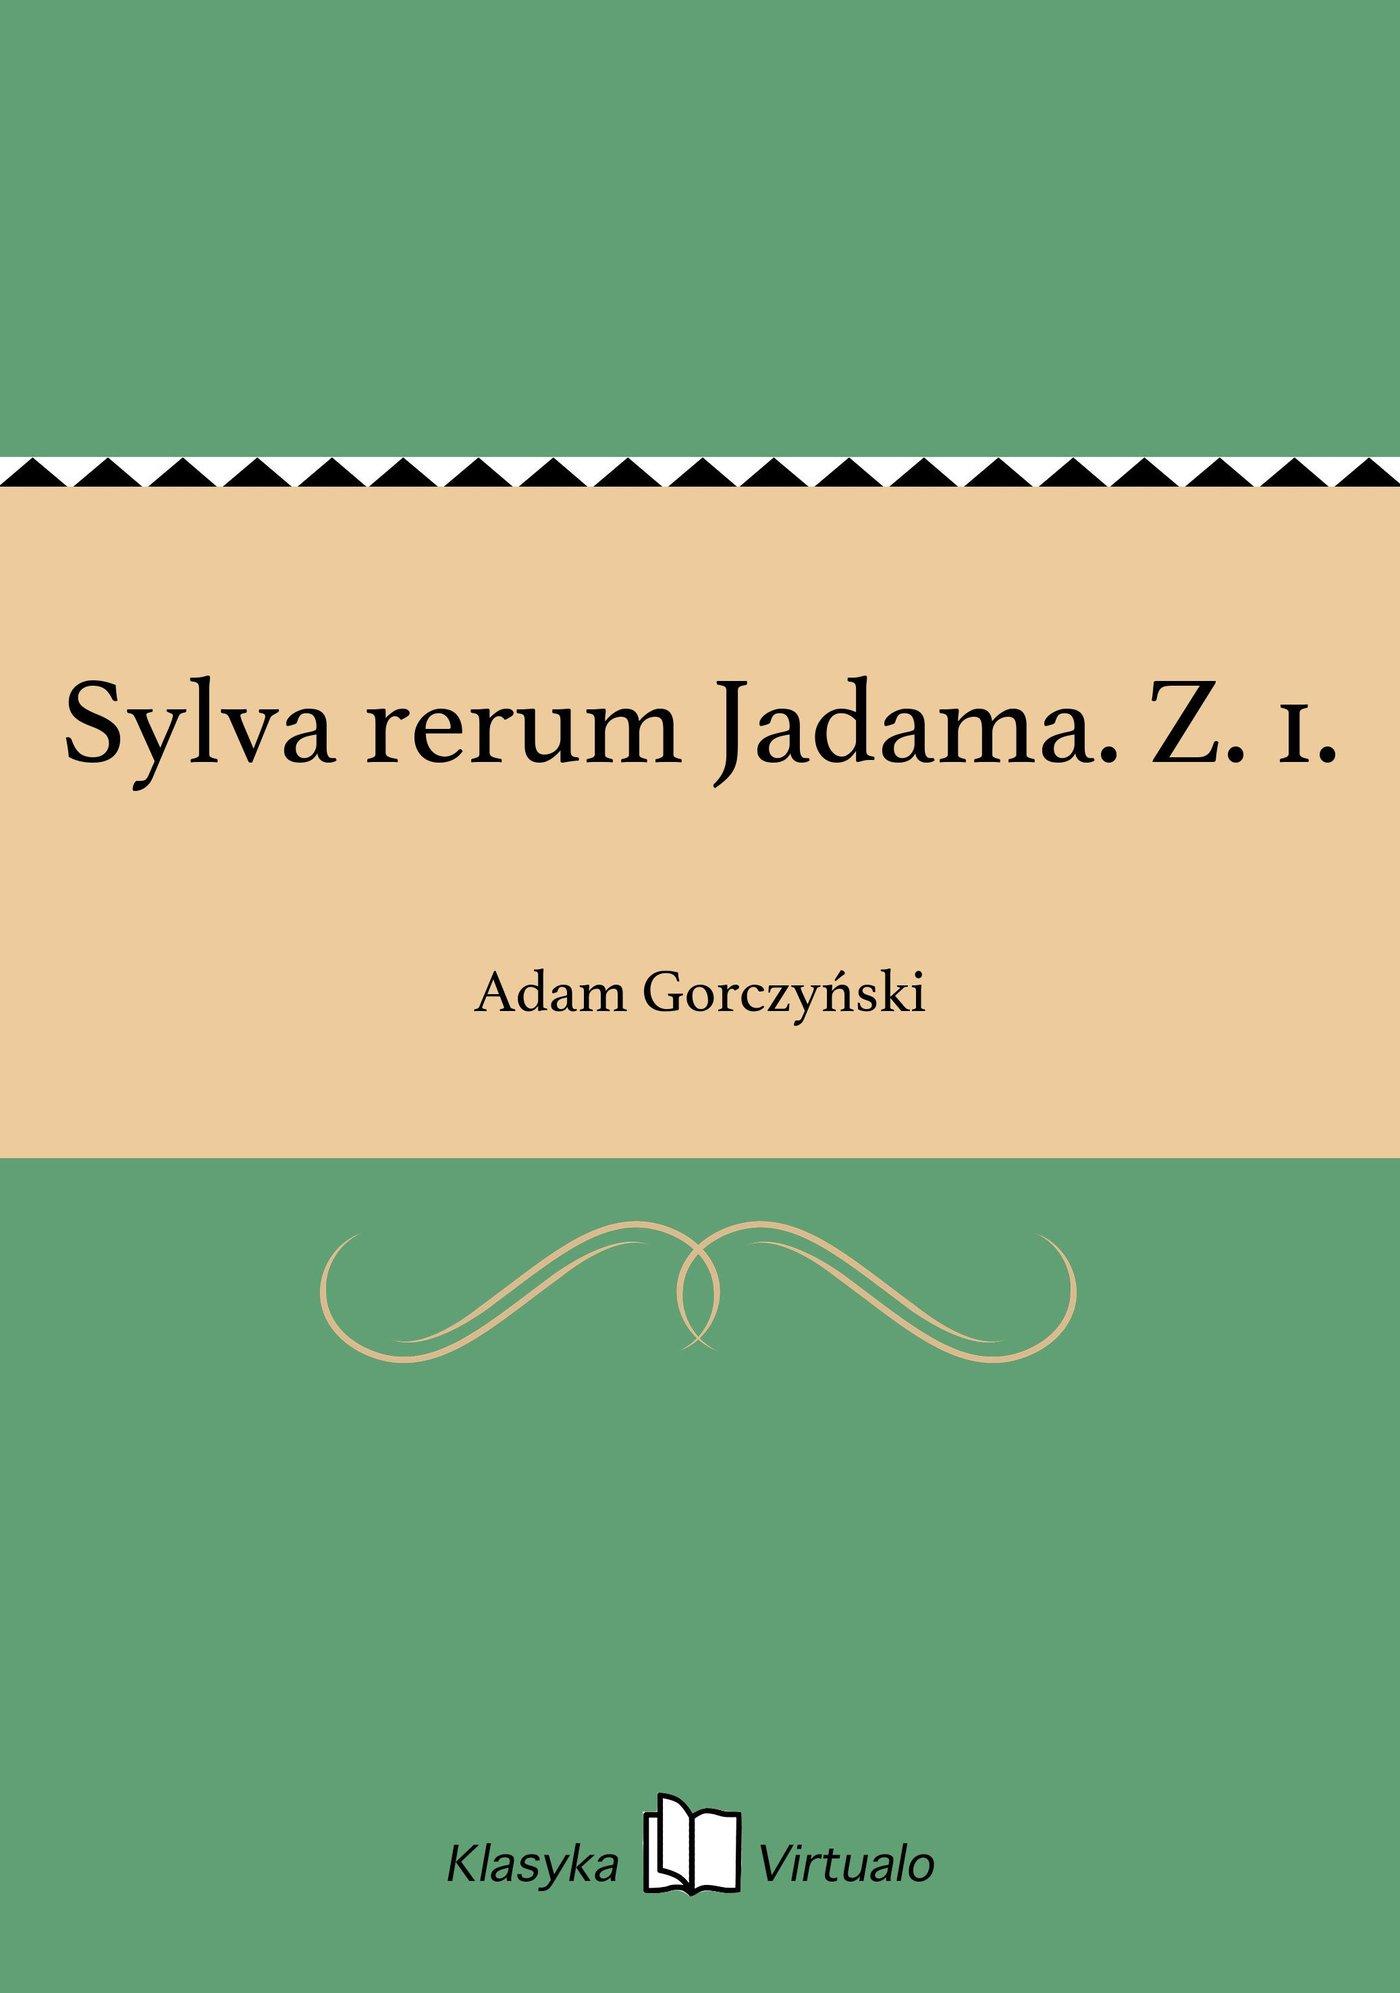 Sylva rerum Jadama. Z. 1. - Ebook (Książka EPUB) do pobrania w formacie EPUB